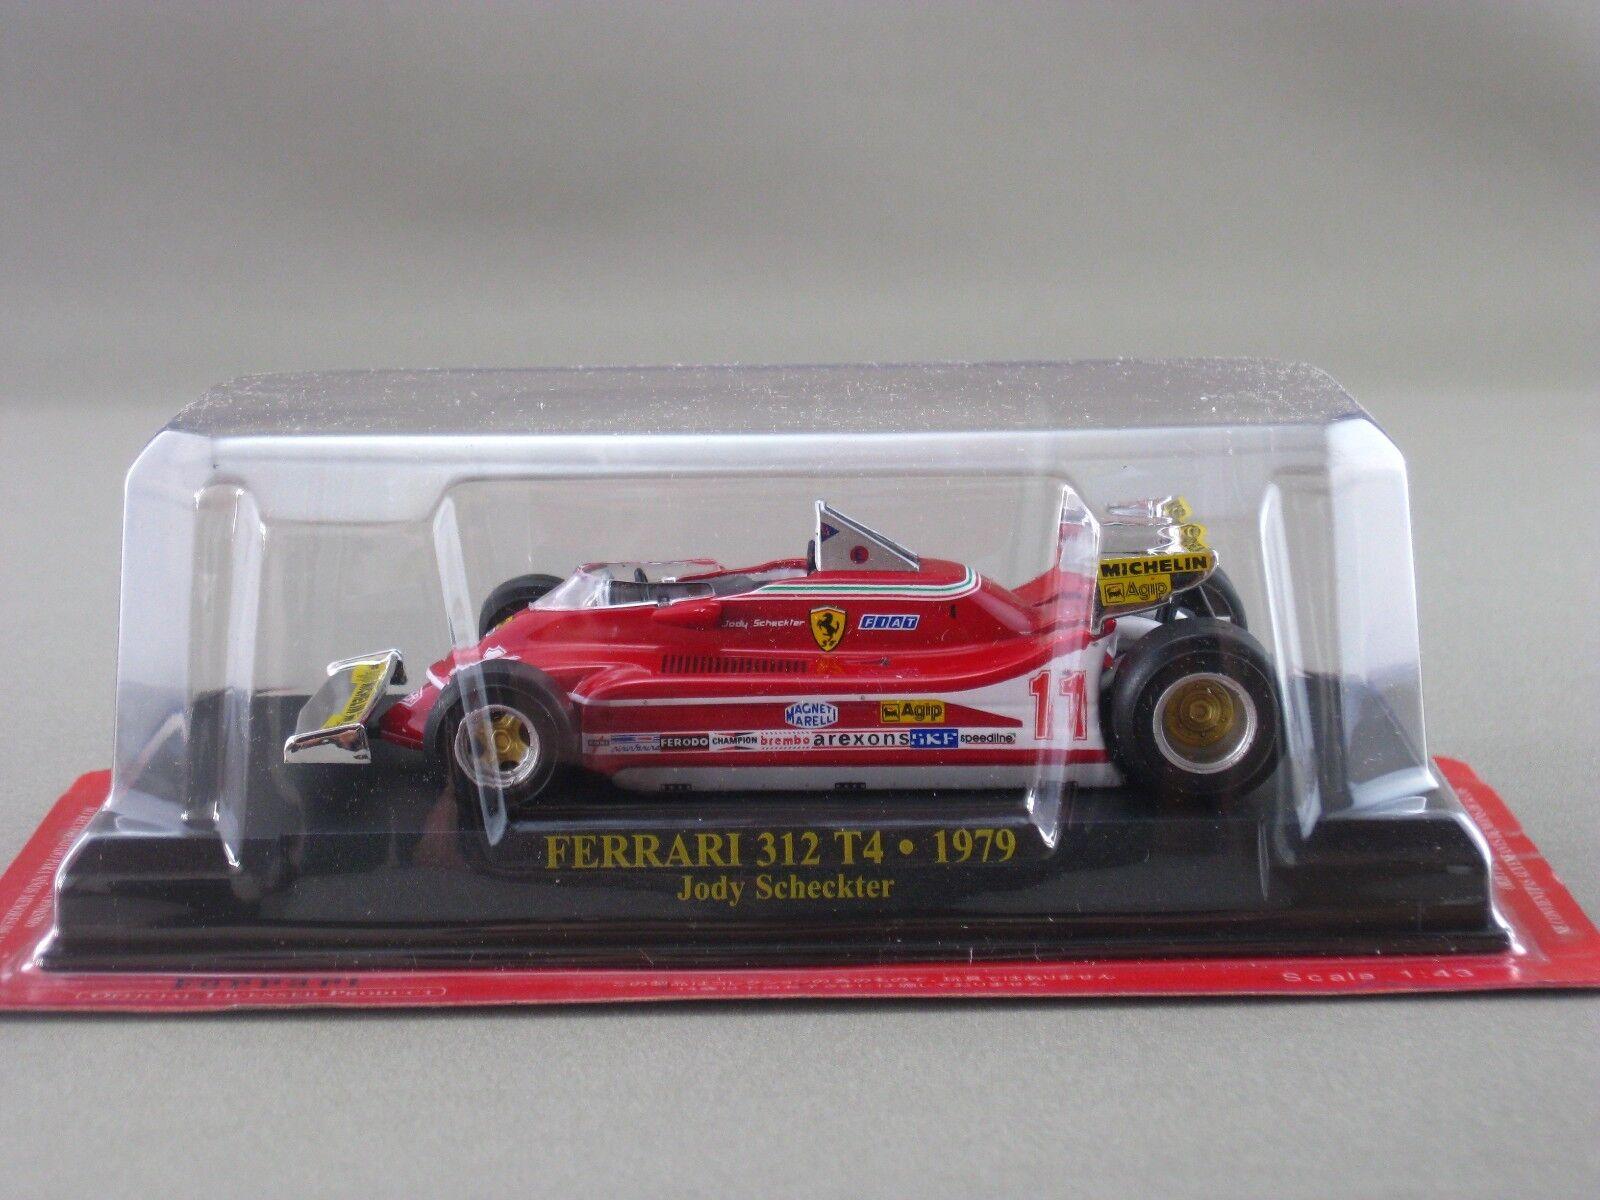 Ferrari 312 T4 JODY SCHECKTER 1979 hachette 1 43 Diecast Model Car Vol.21